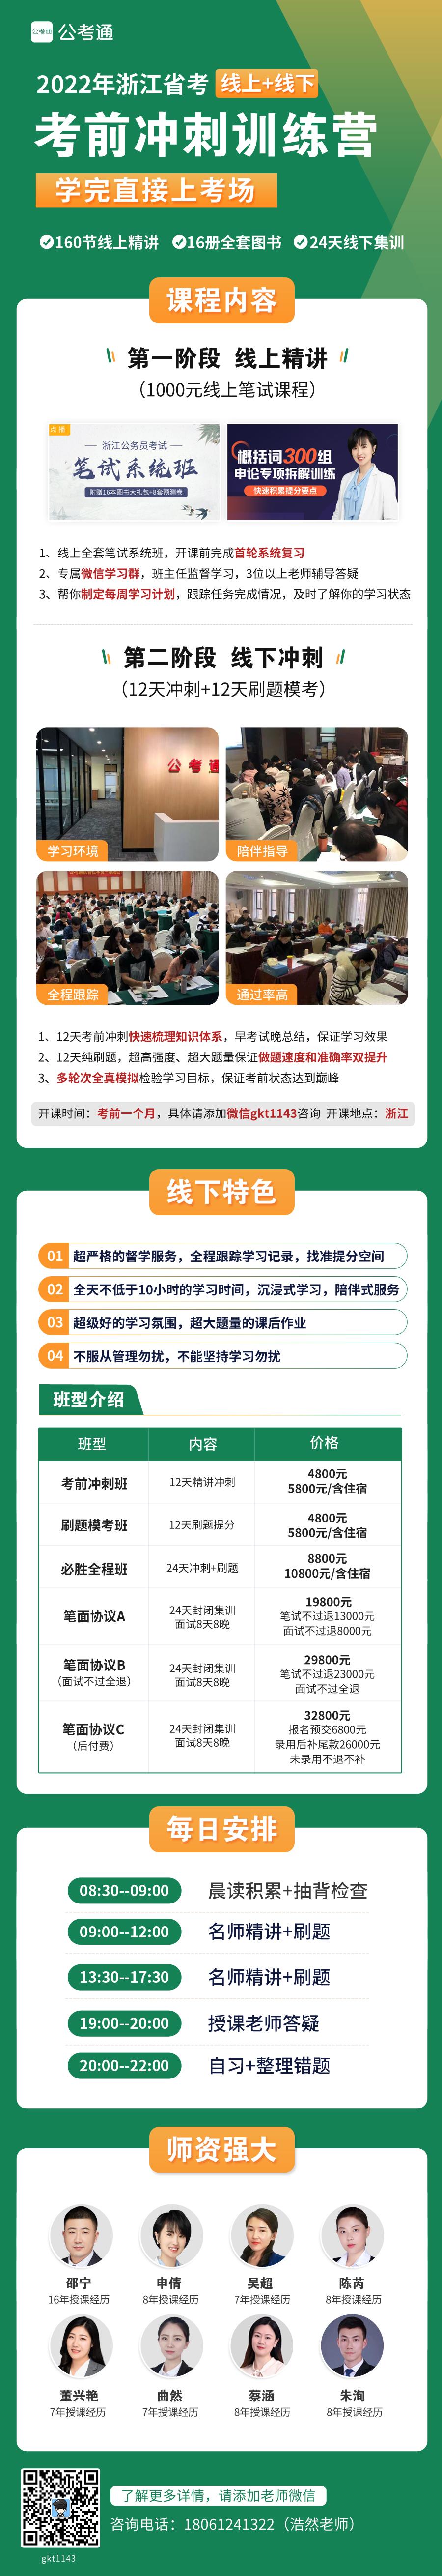 2022浙江考前冲刺训练营详情